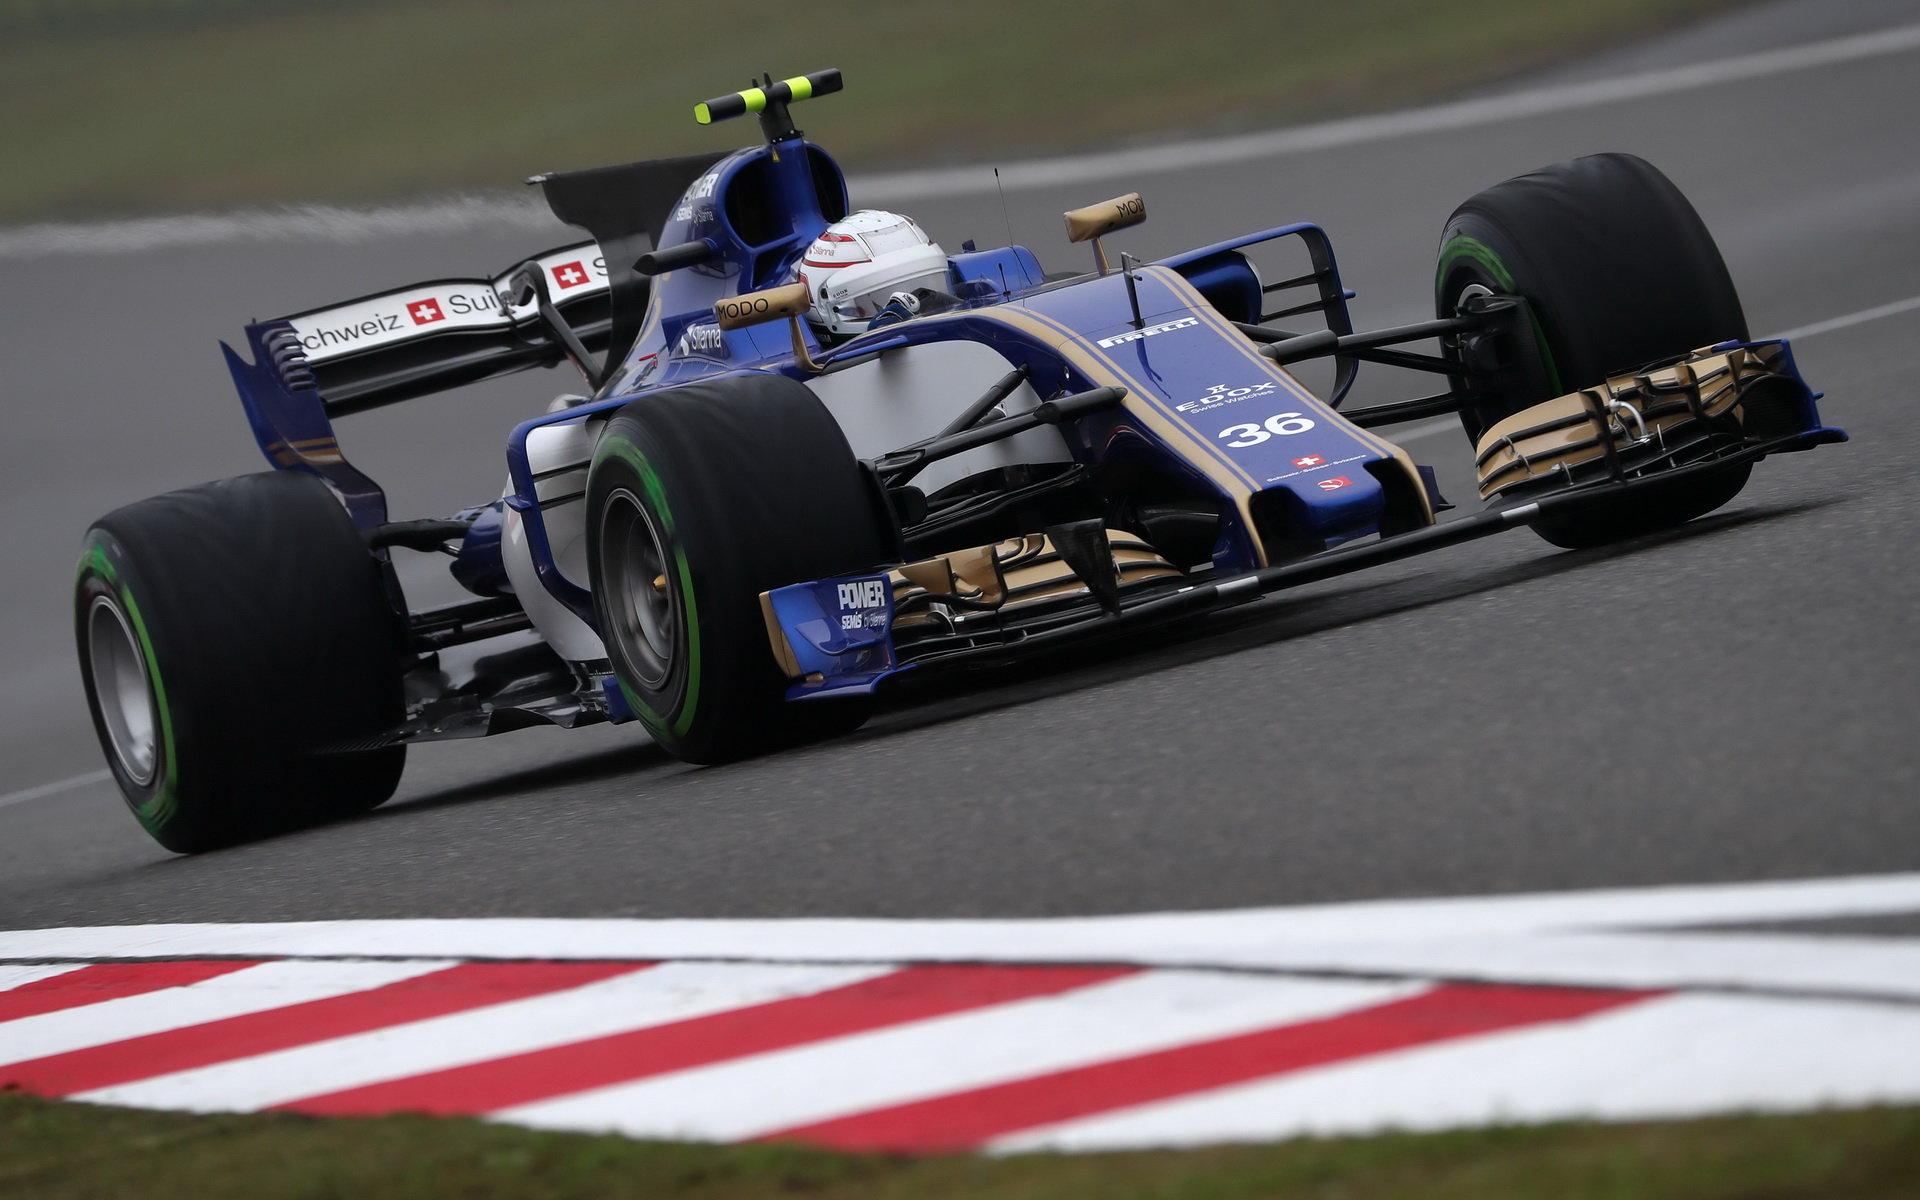 Antonio Giovinazzi se nevyvaroval zbytečných chyb, když v úvodu sezóny zaskakoval za zraněného Pascala Wehrleina